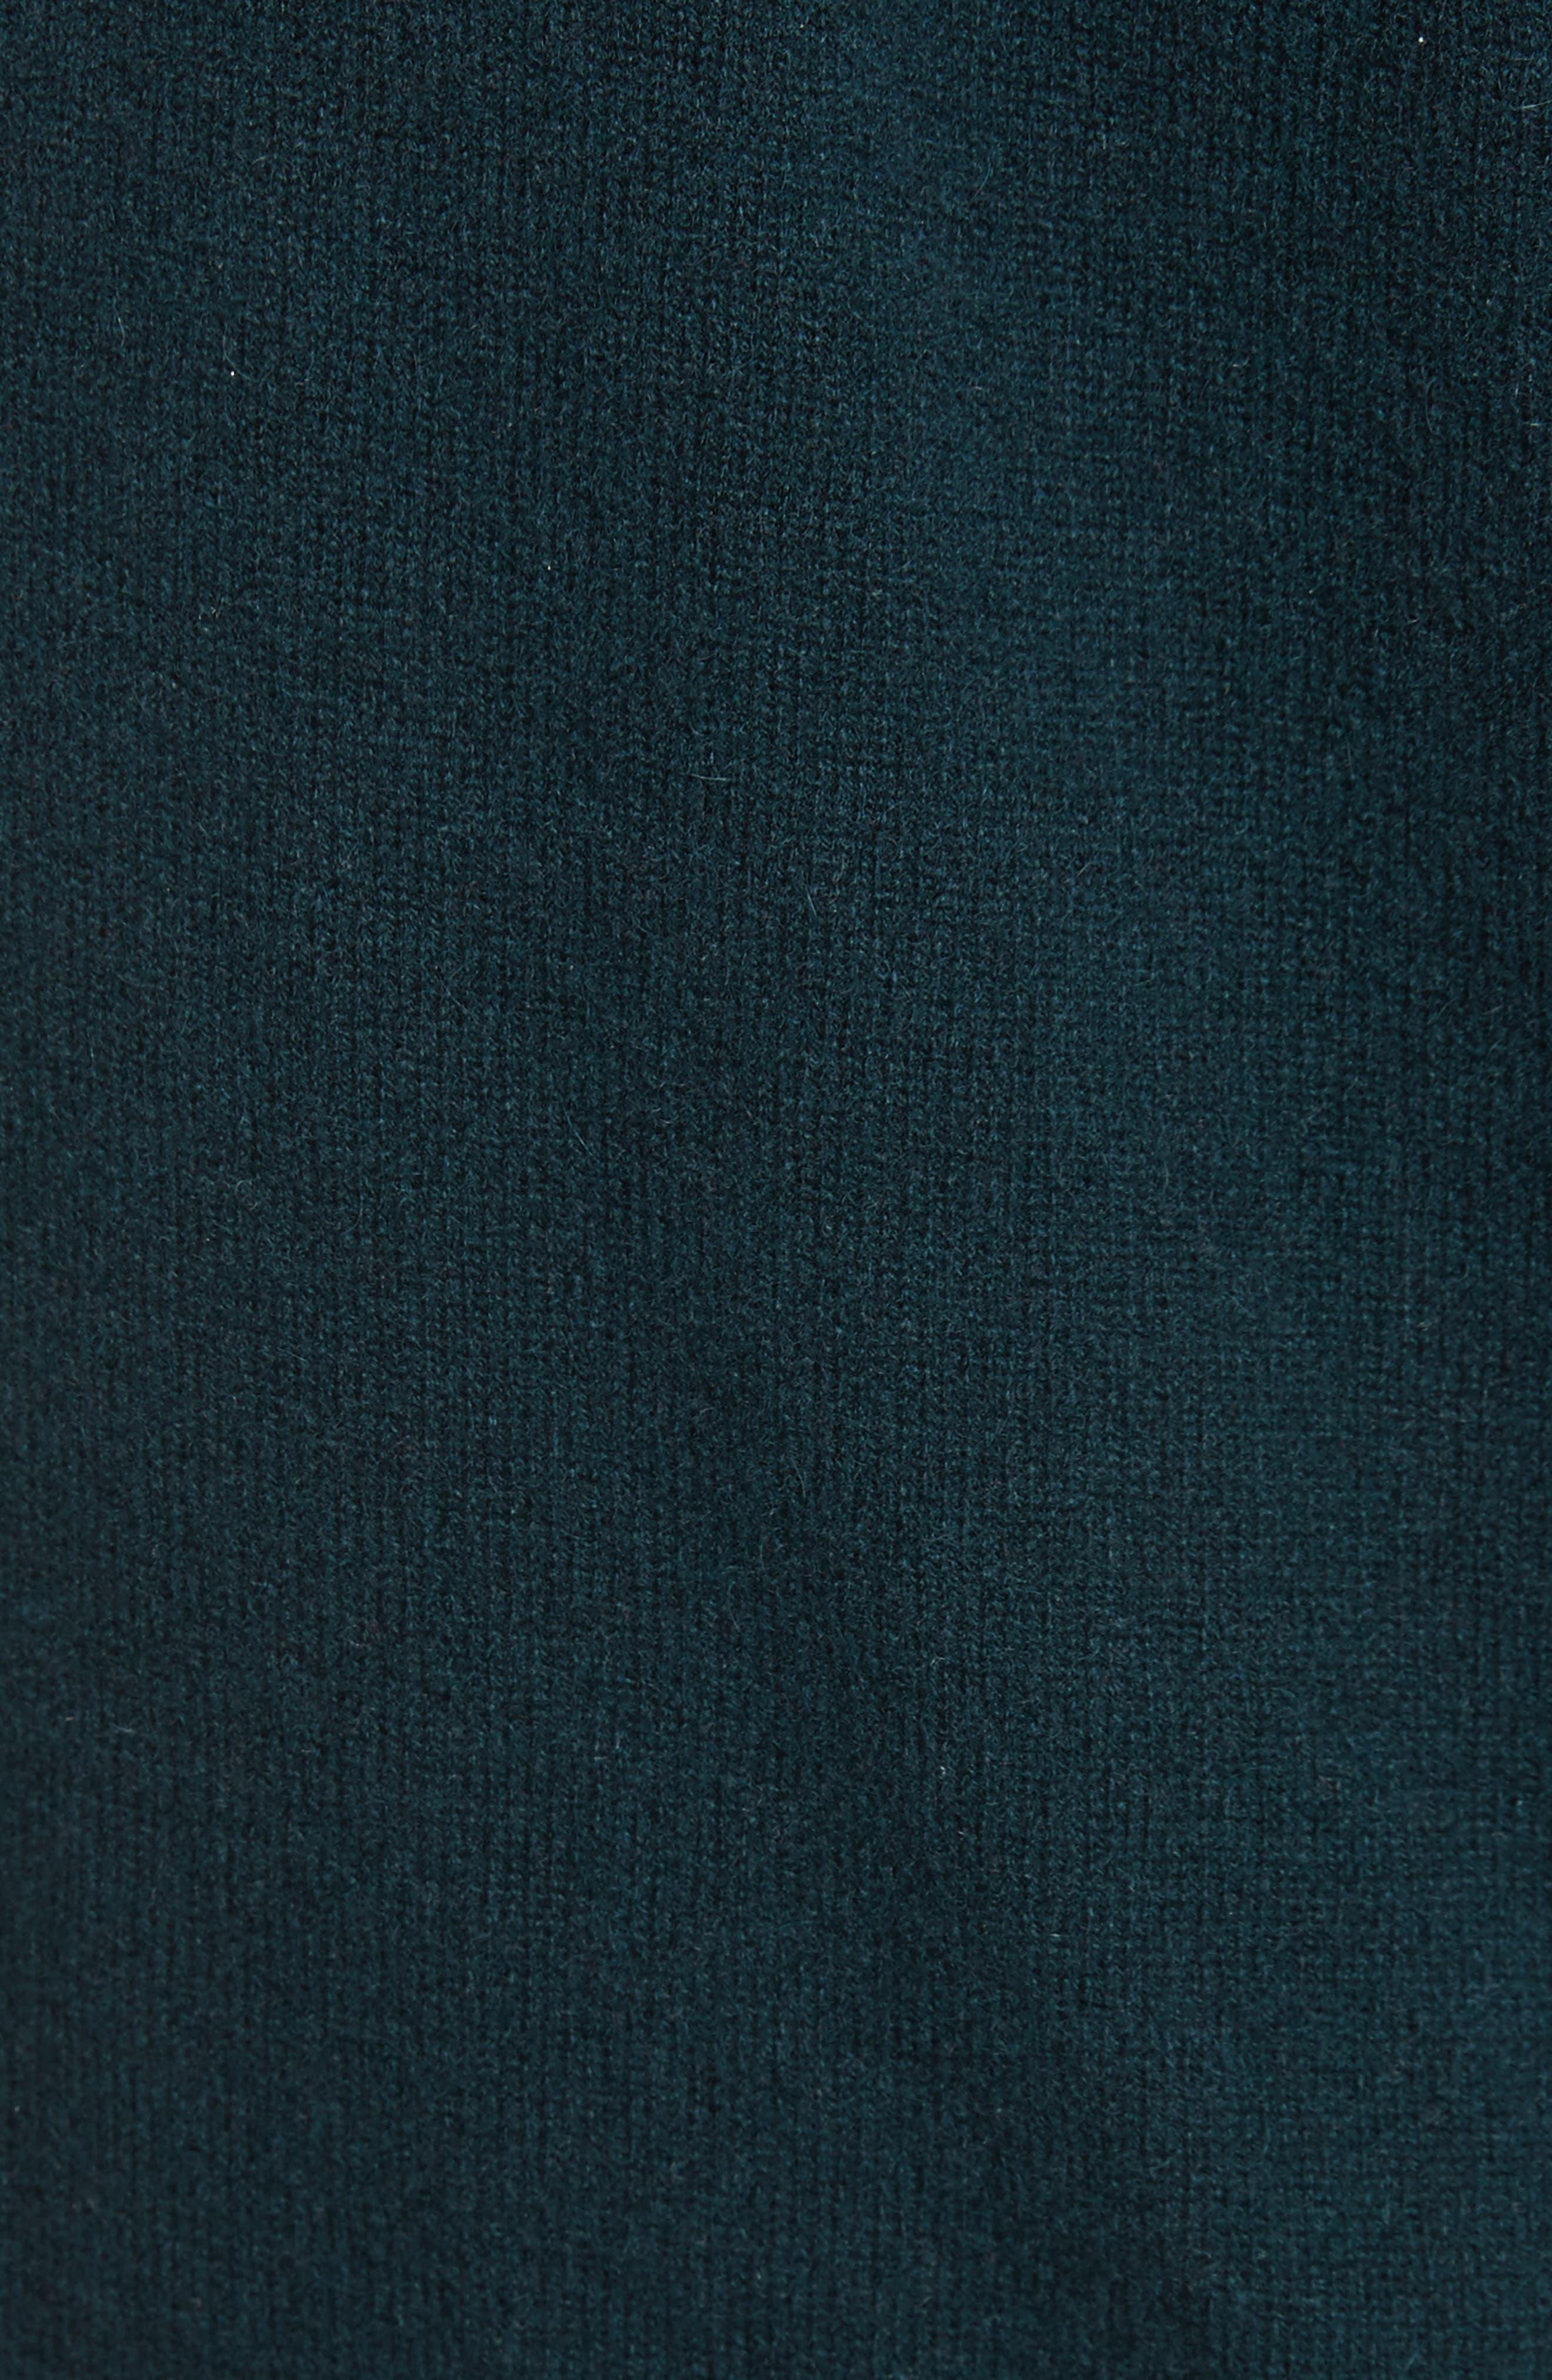 Velvet Tie Cashmere Sweater,                             Alternate thumbnail 5, color,                             Juniper